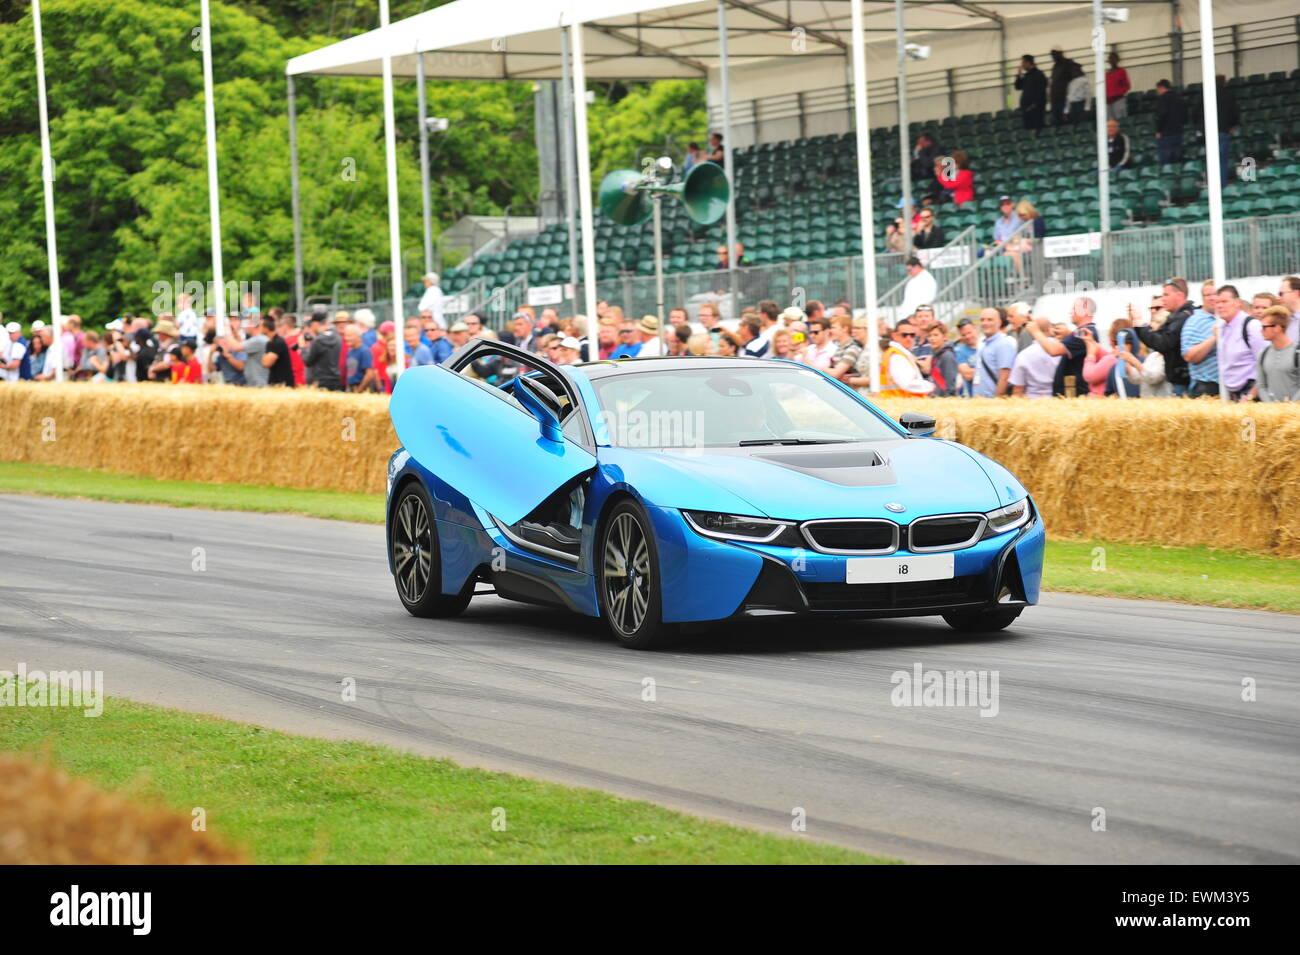 Rennfahrer Tiff Needell fährt ein Hybrid BMW i8 bei dem Goodwood Festival of Speed. Rennfahrer, besuchte Prominente Stockbild